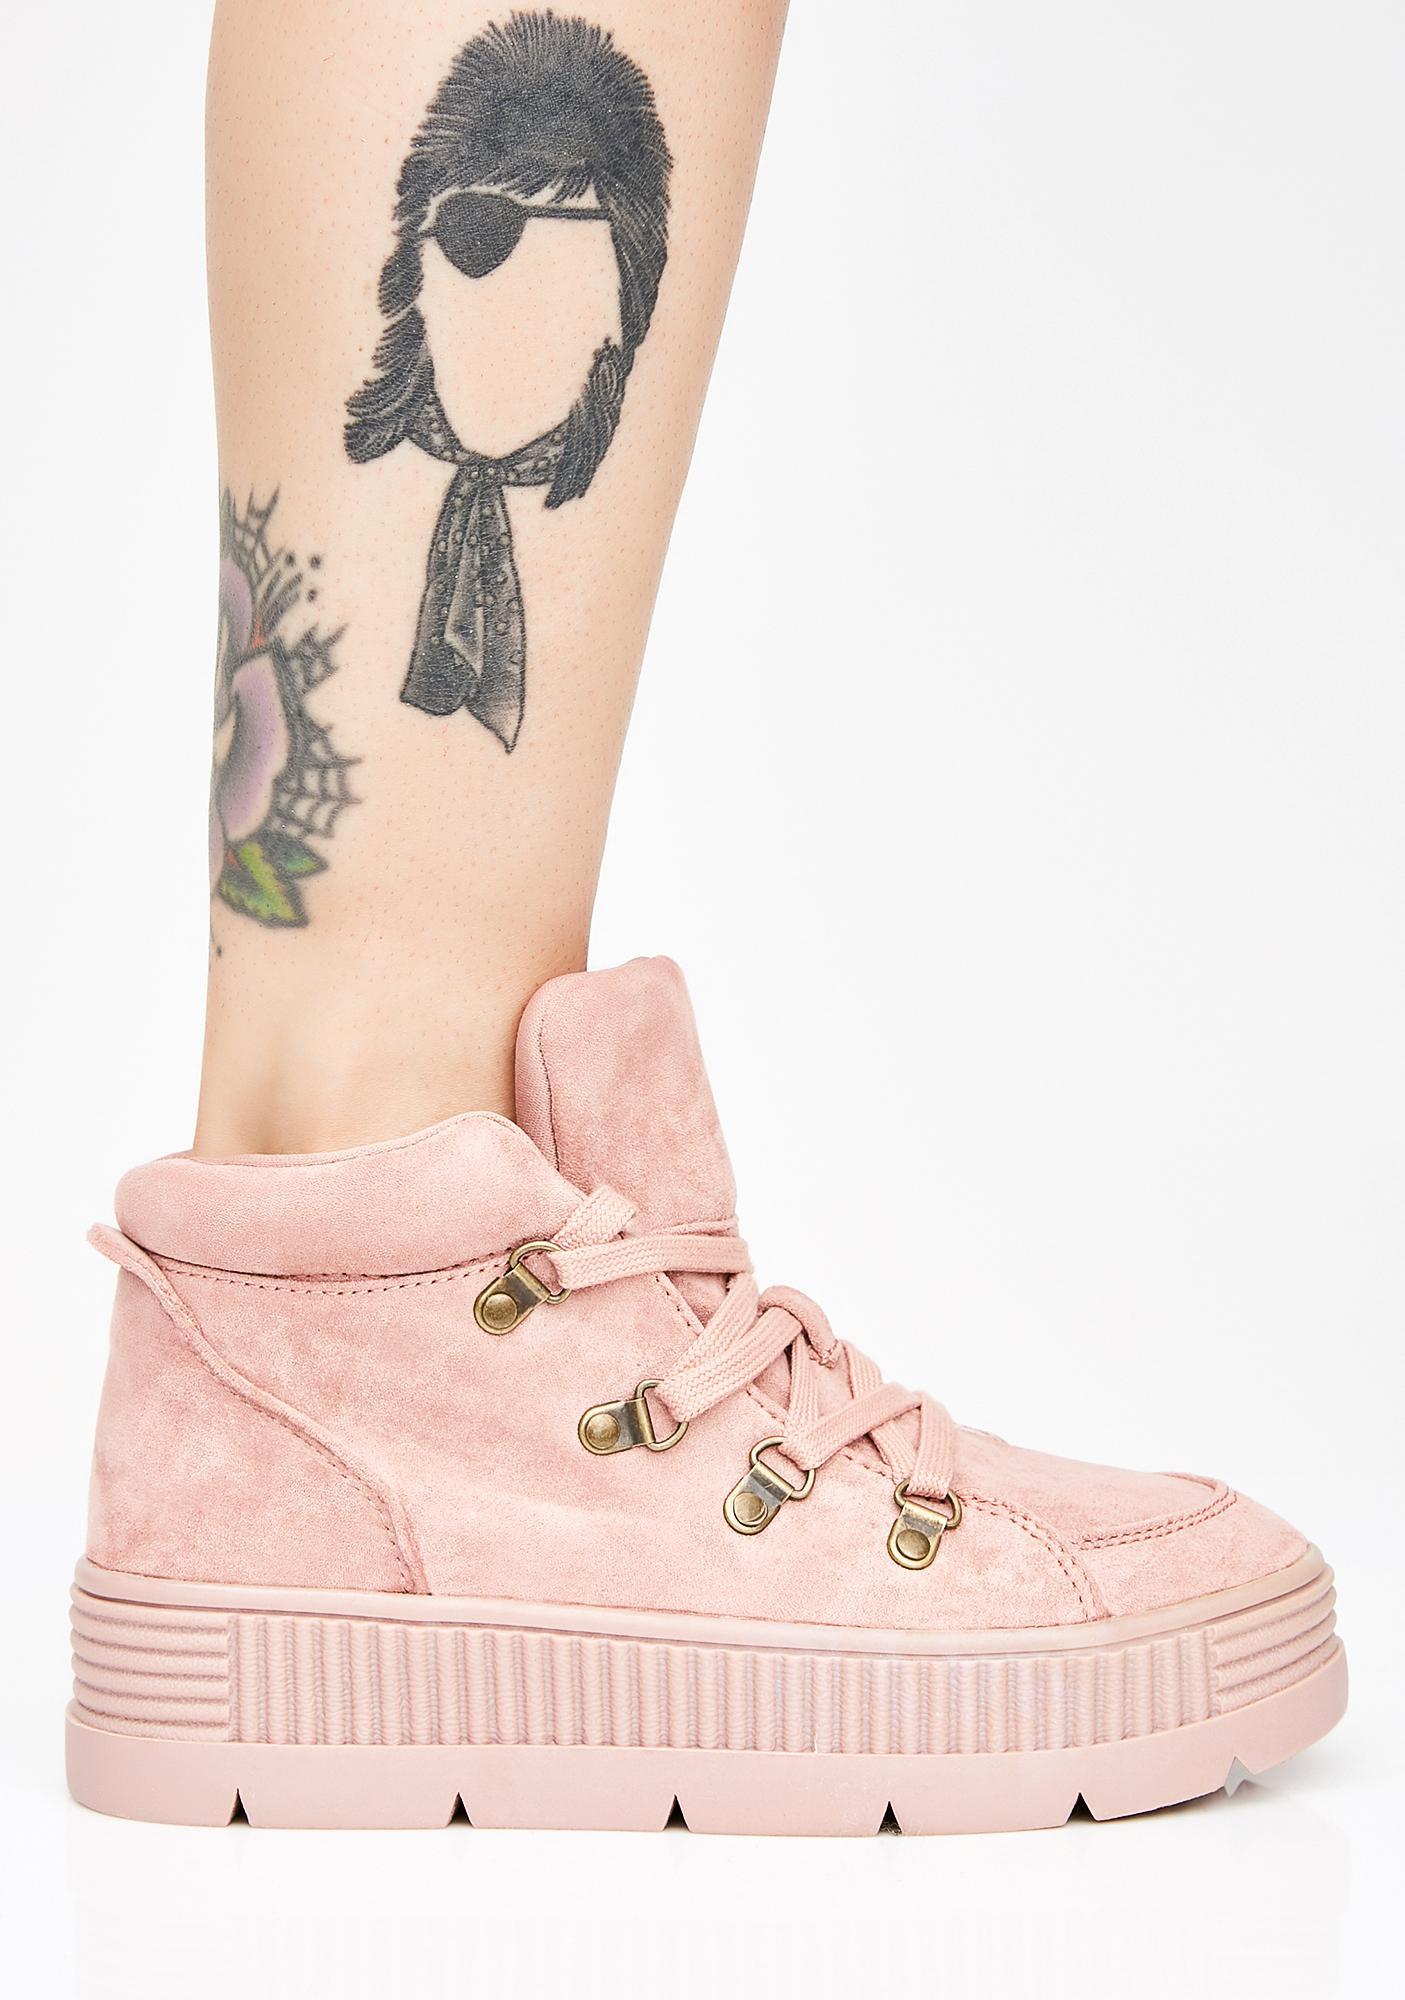 Miss So Called Angels Platform Sneakers